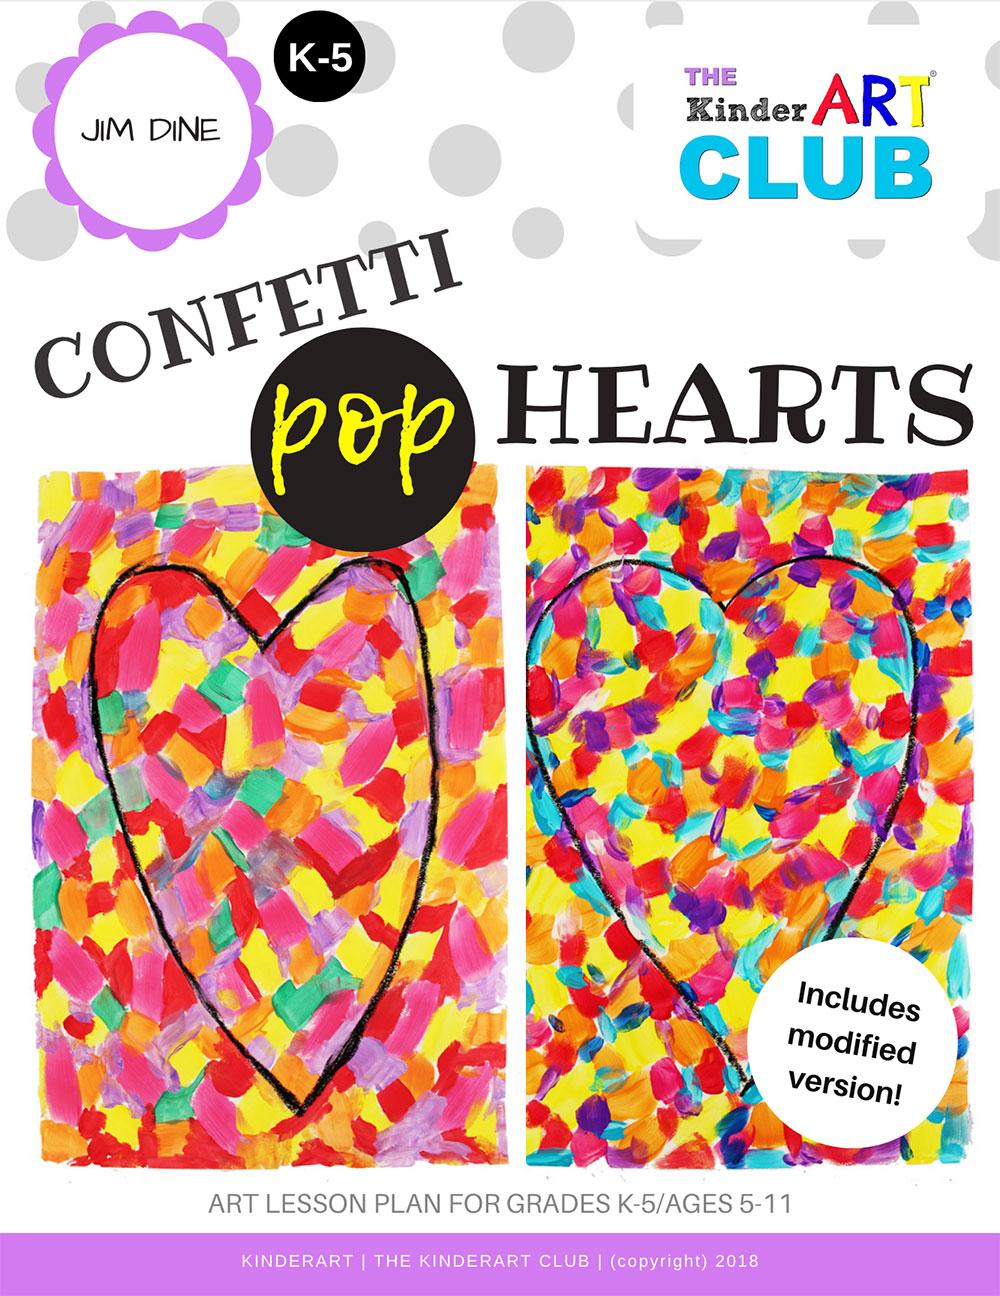 dine_confetti_hearts